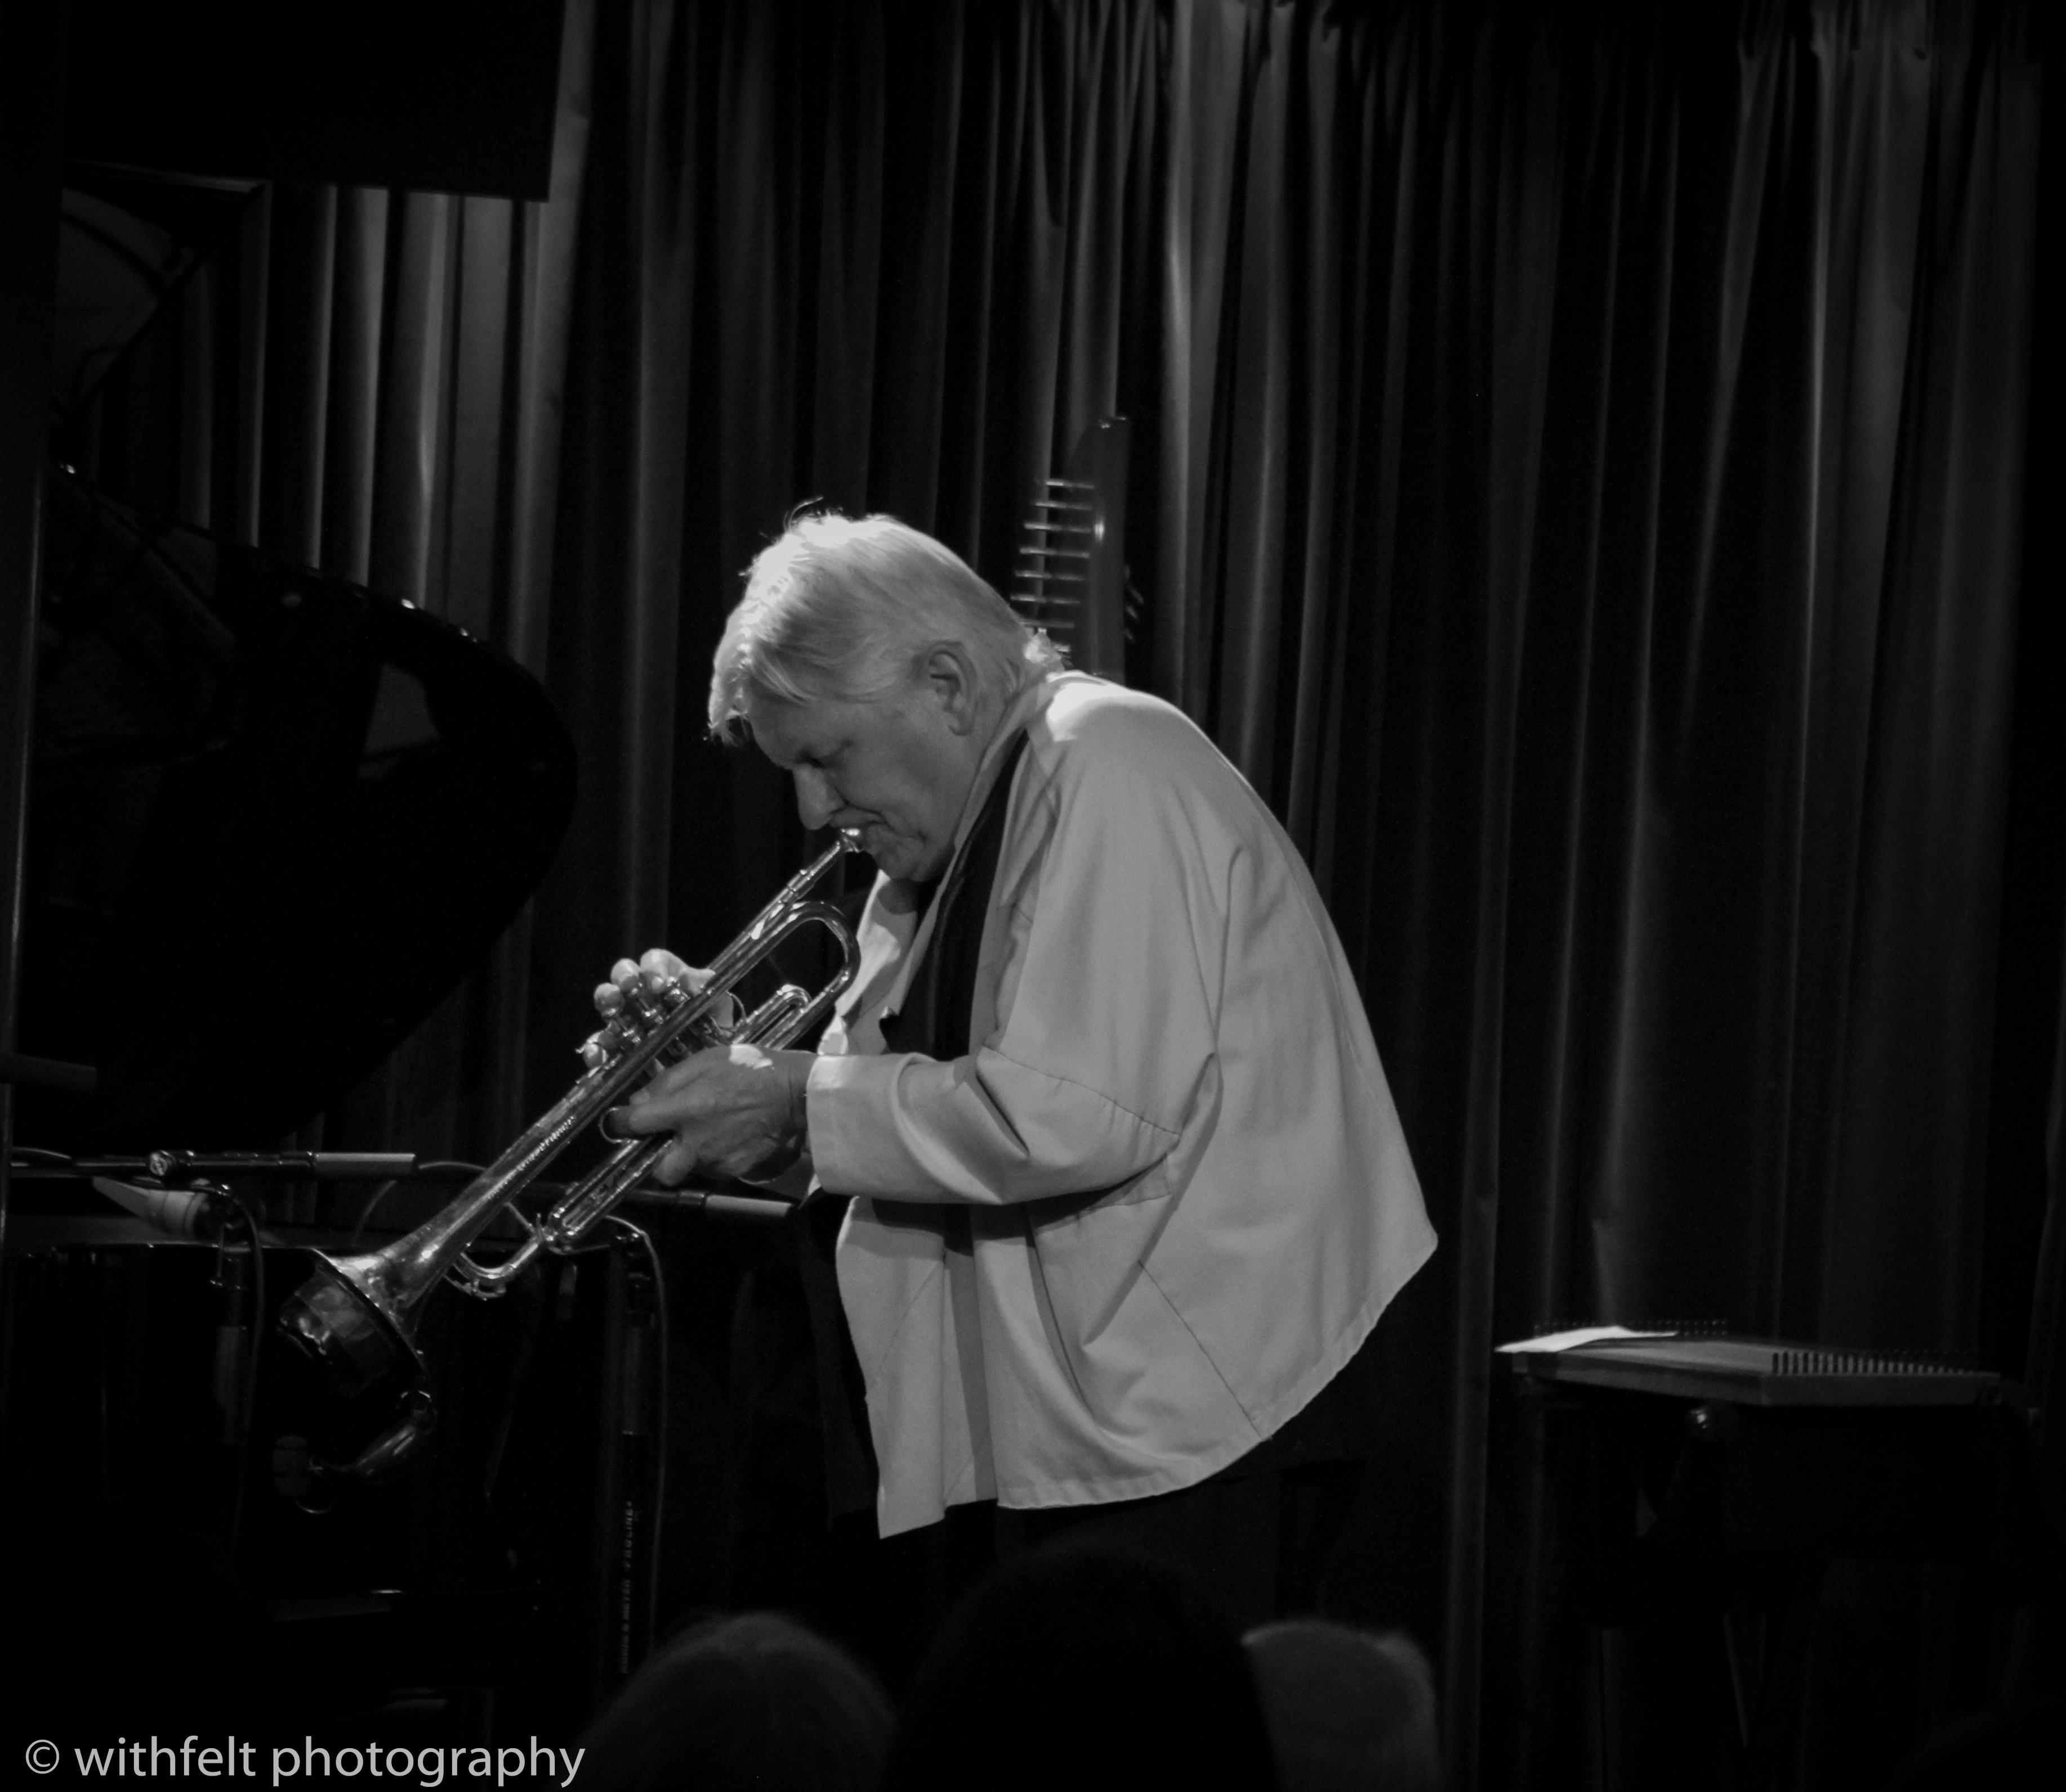 Palle Mikkelborg (Tp) at Jazzhus Montmartre, Copenhagen, Denmark 03.10.2014